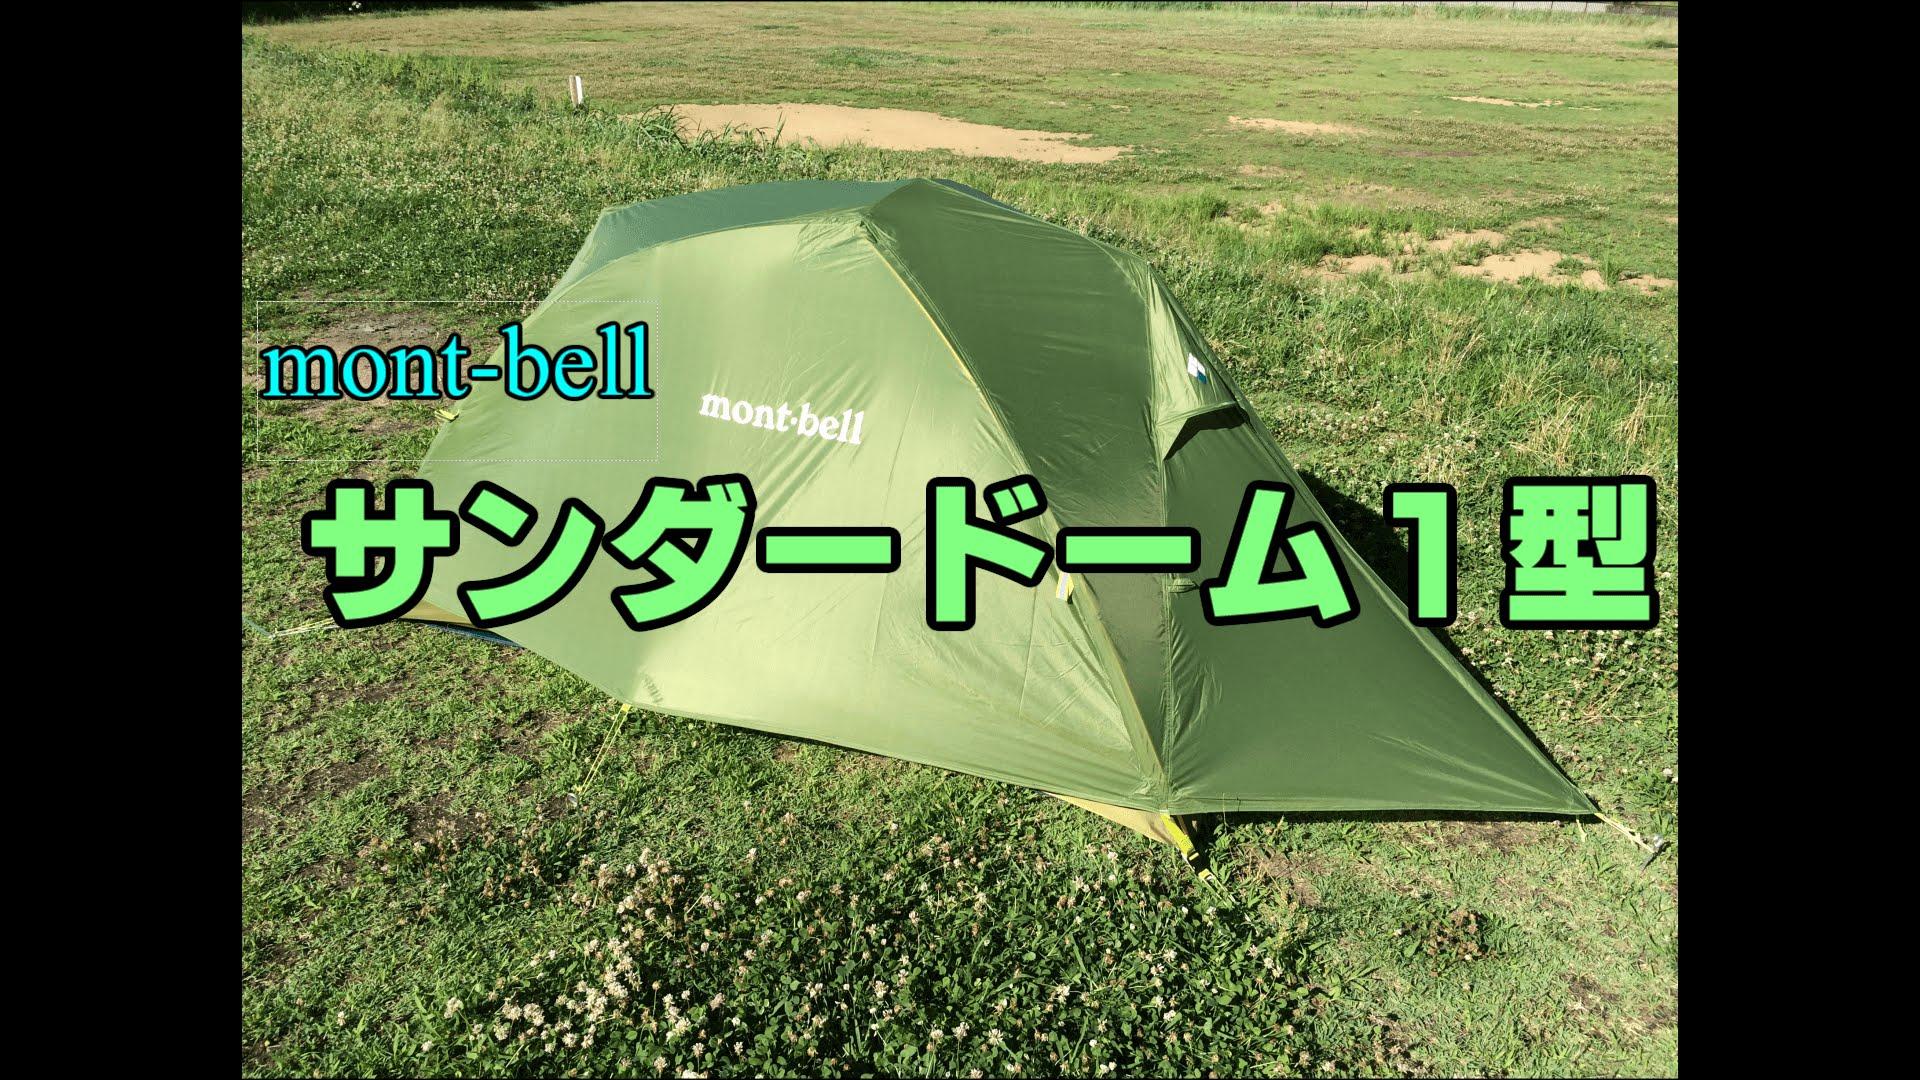 mont-bell モンベル サンダードーム1型 テント設営